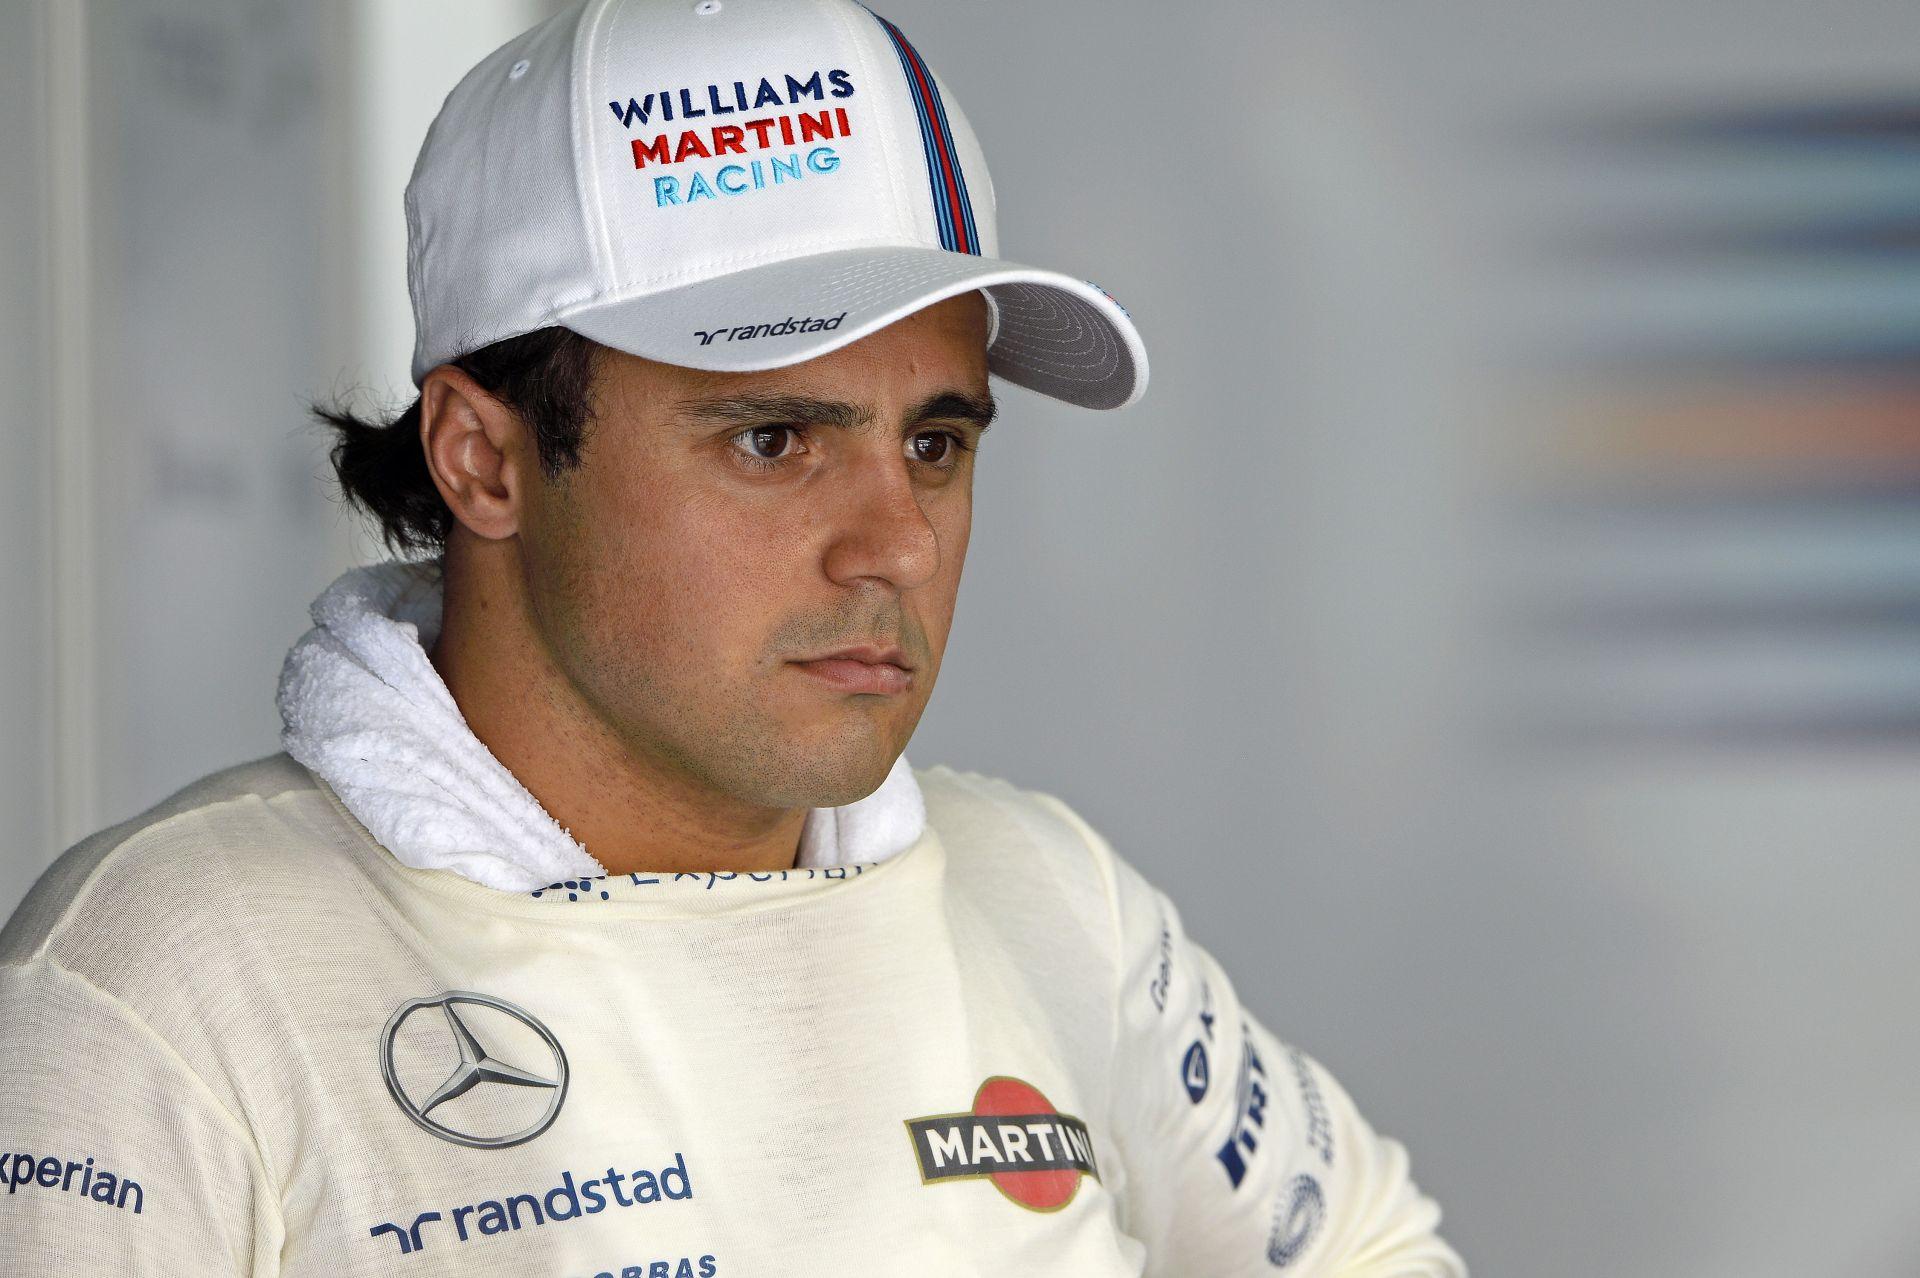 Massa attól fél, hogy a Williams visszaesik